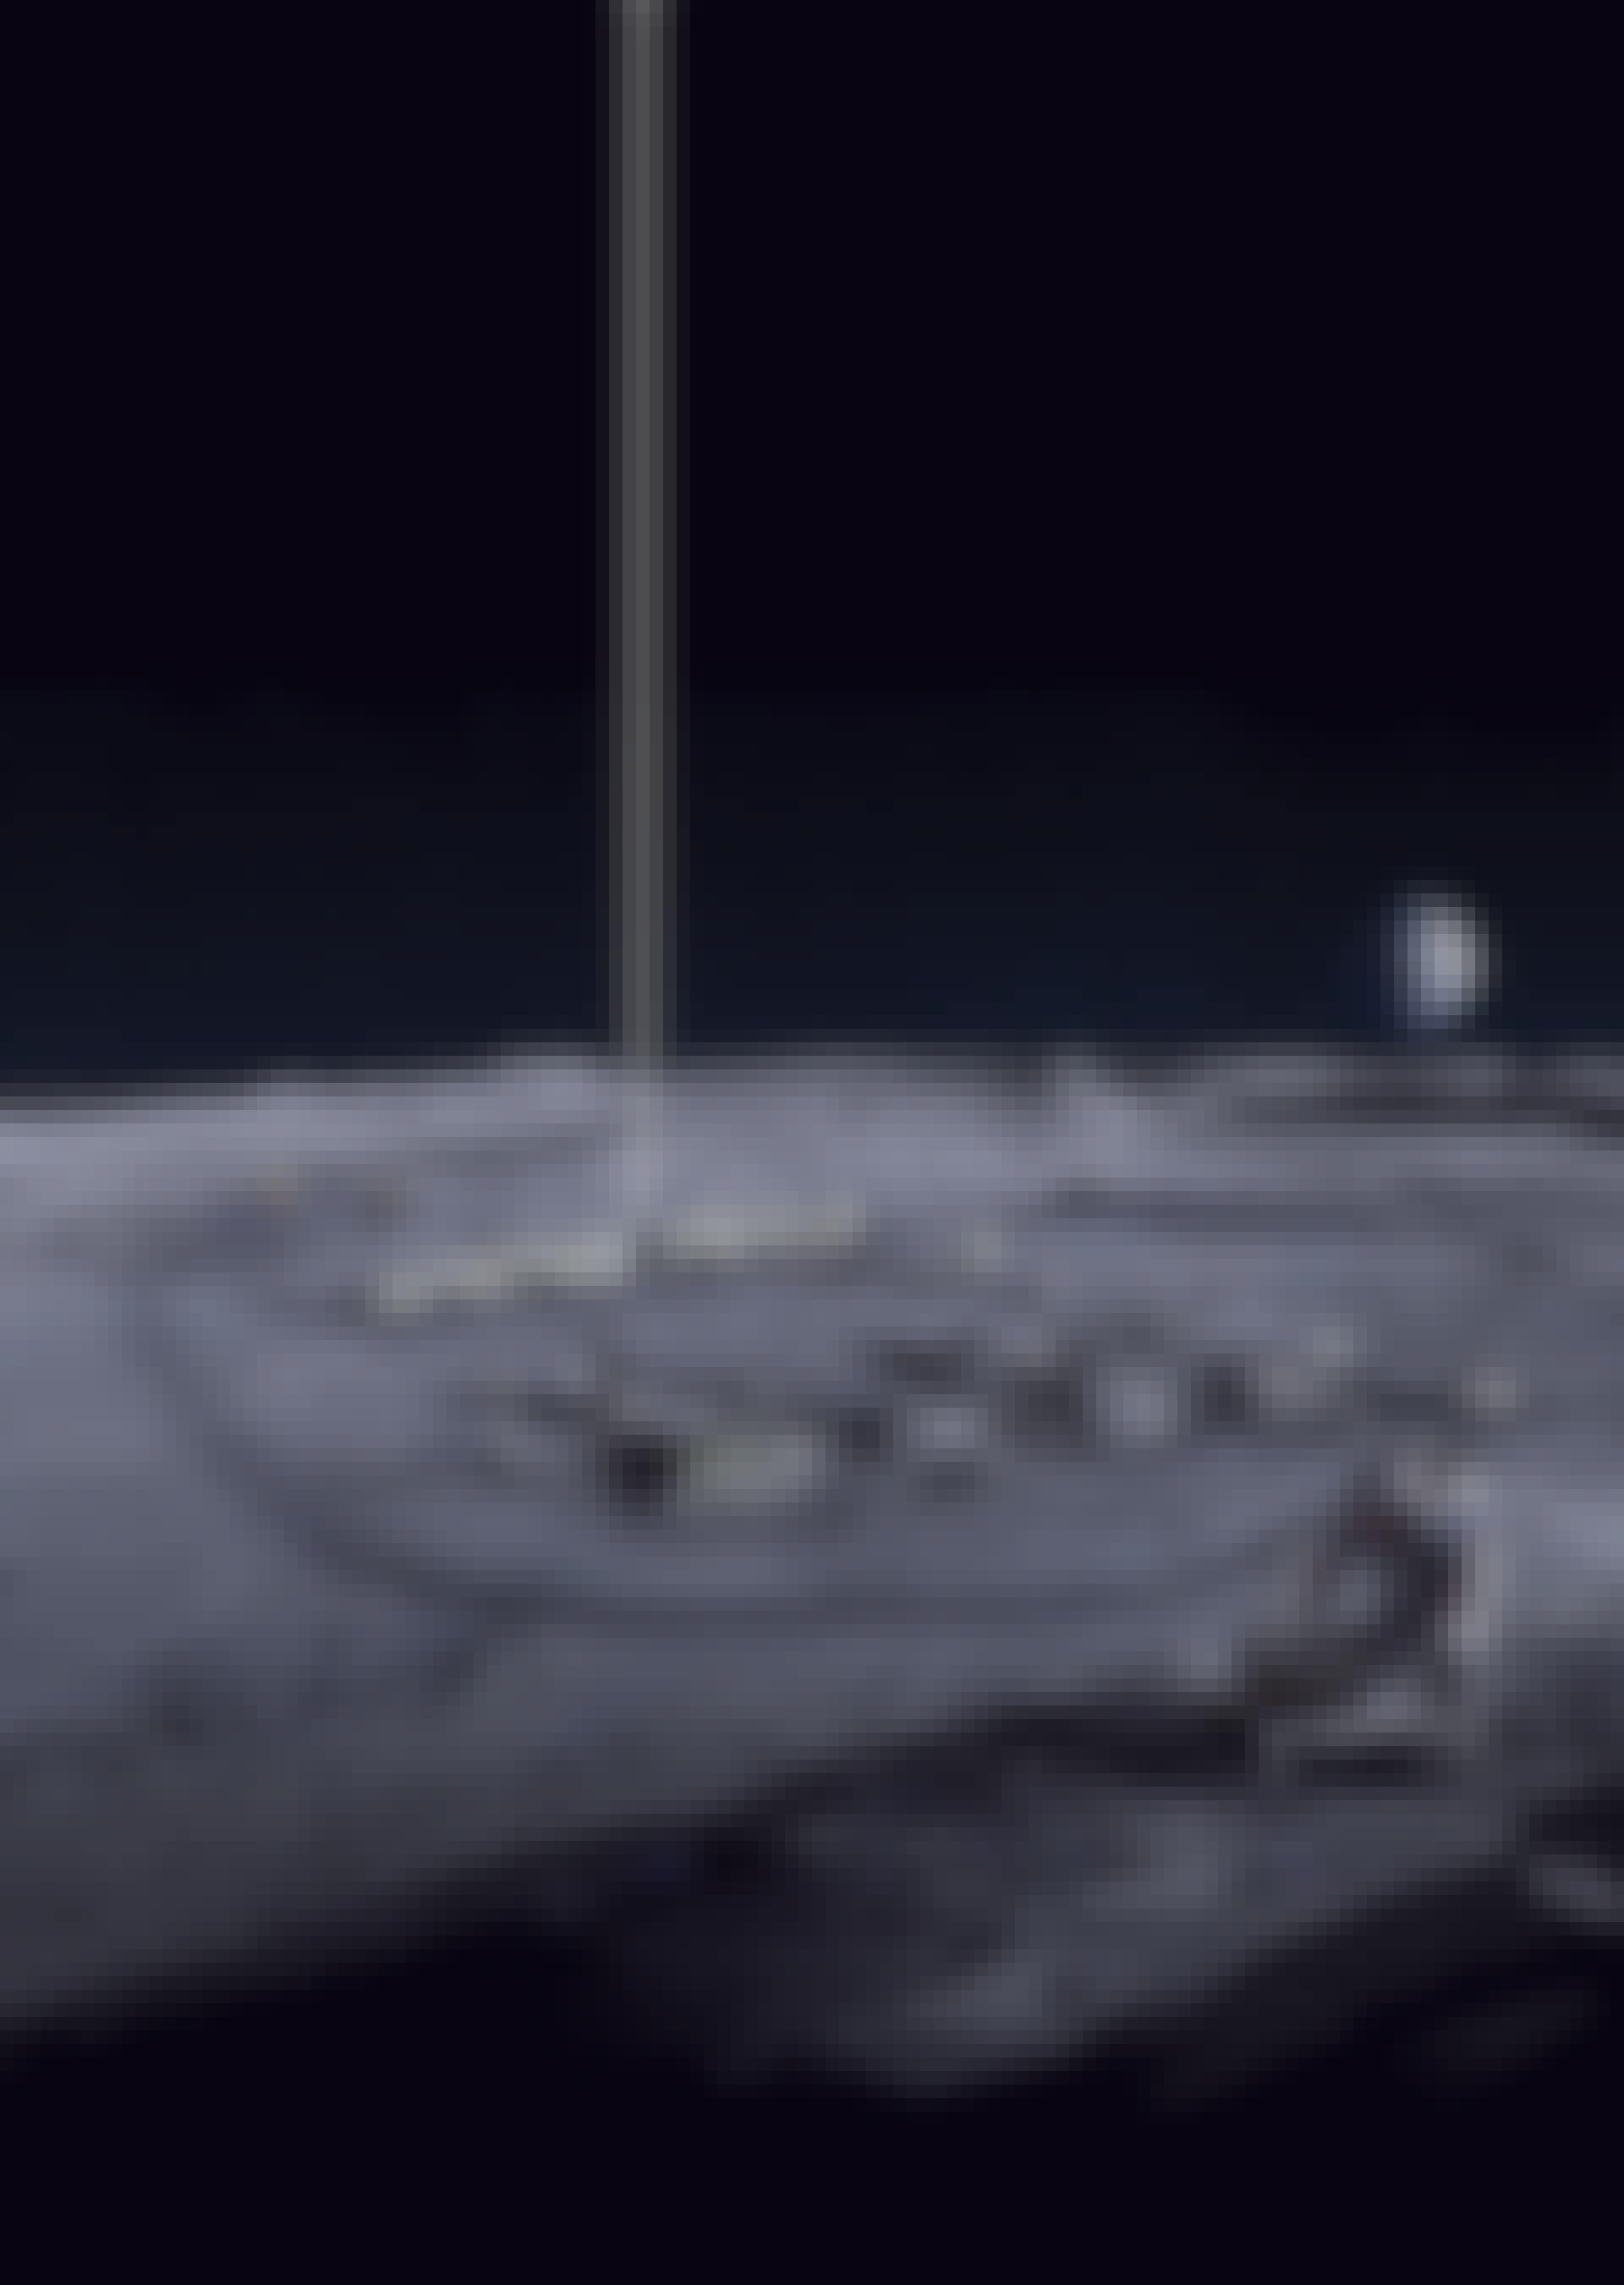 Månebase - solceller